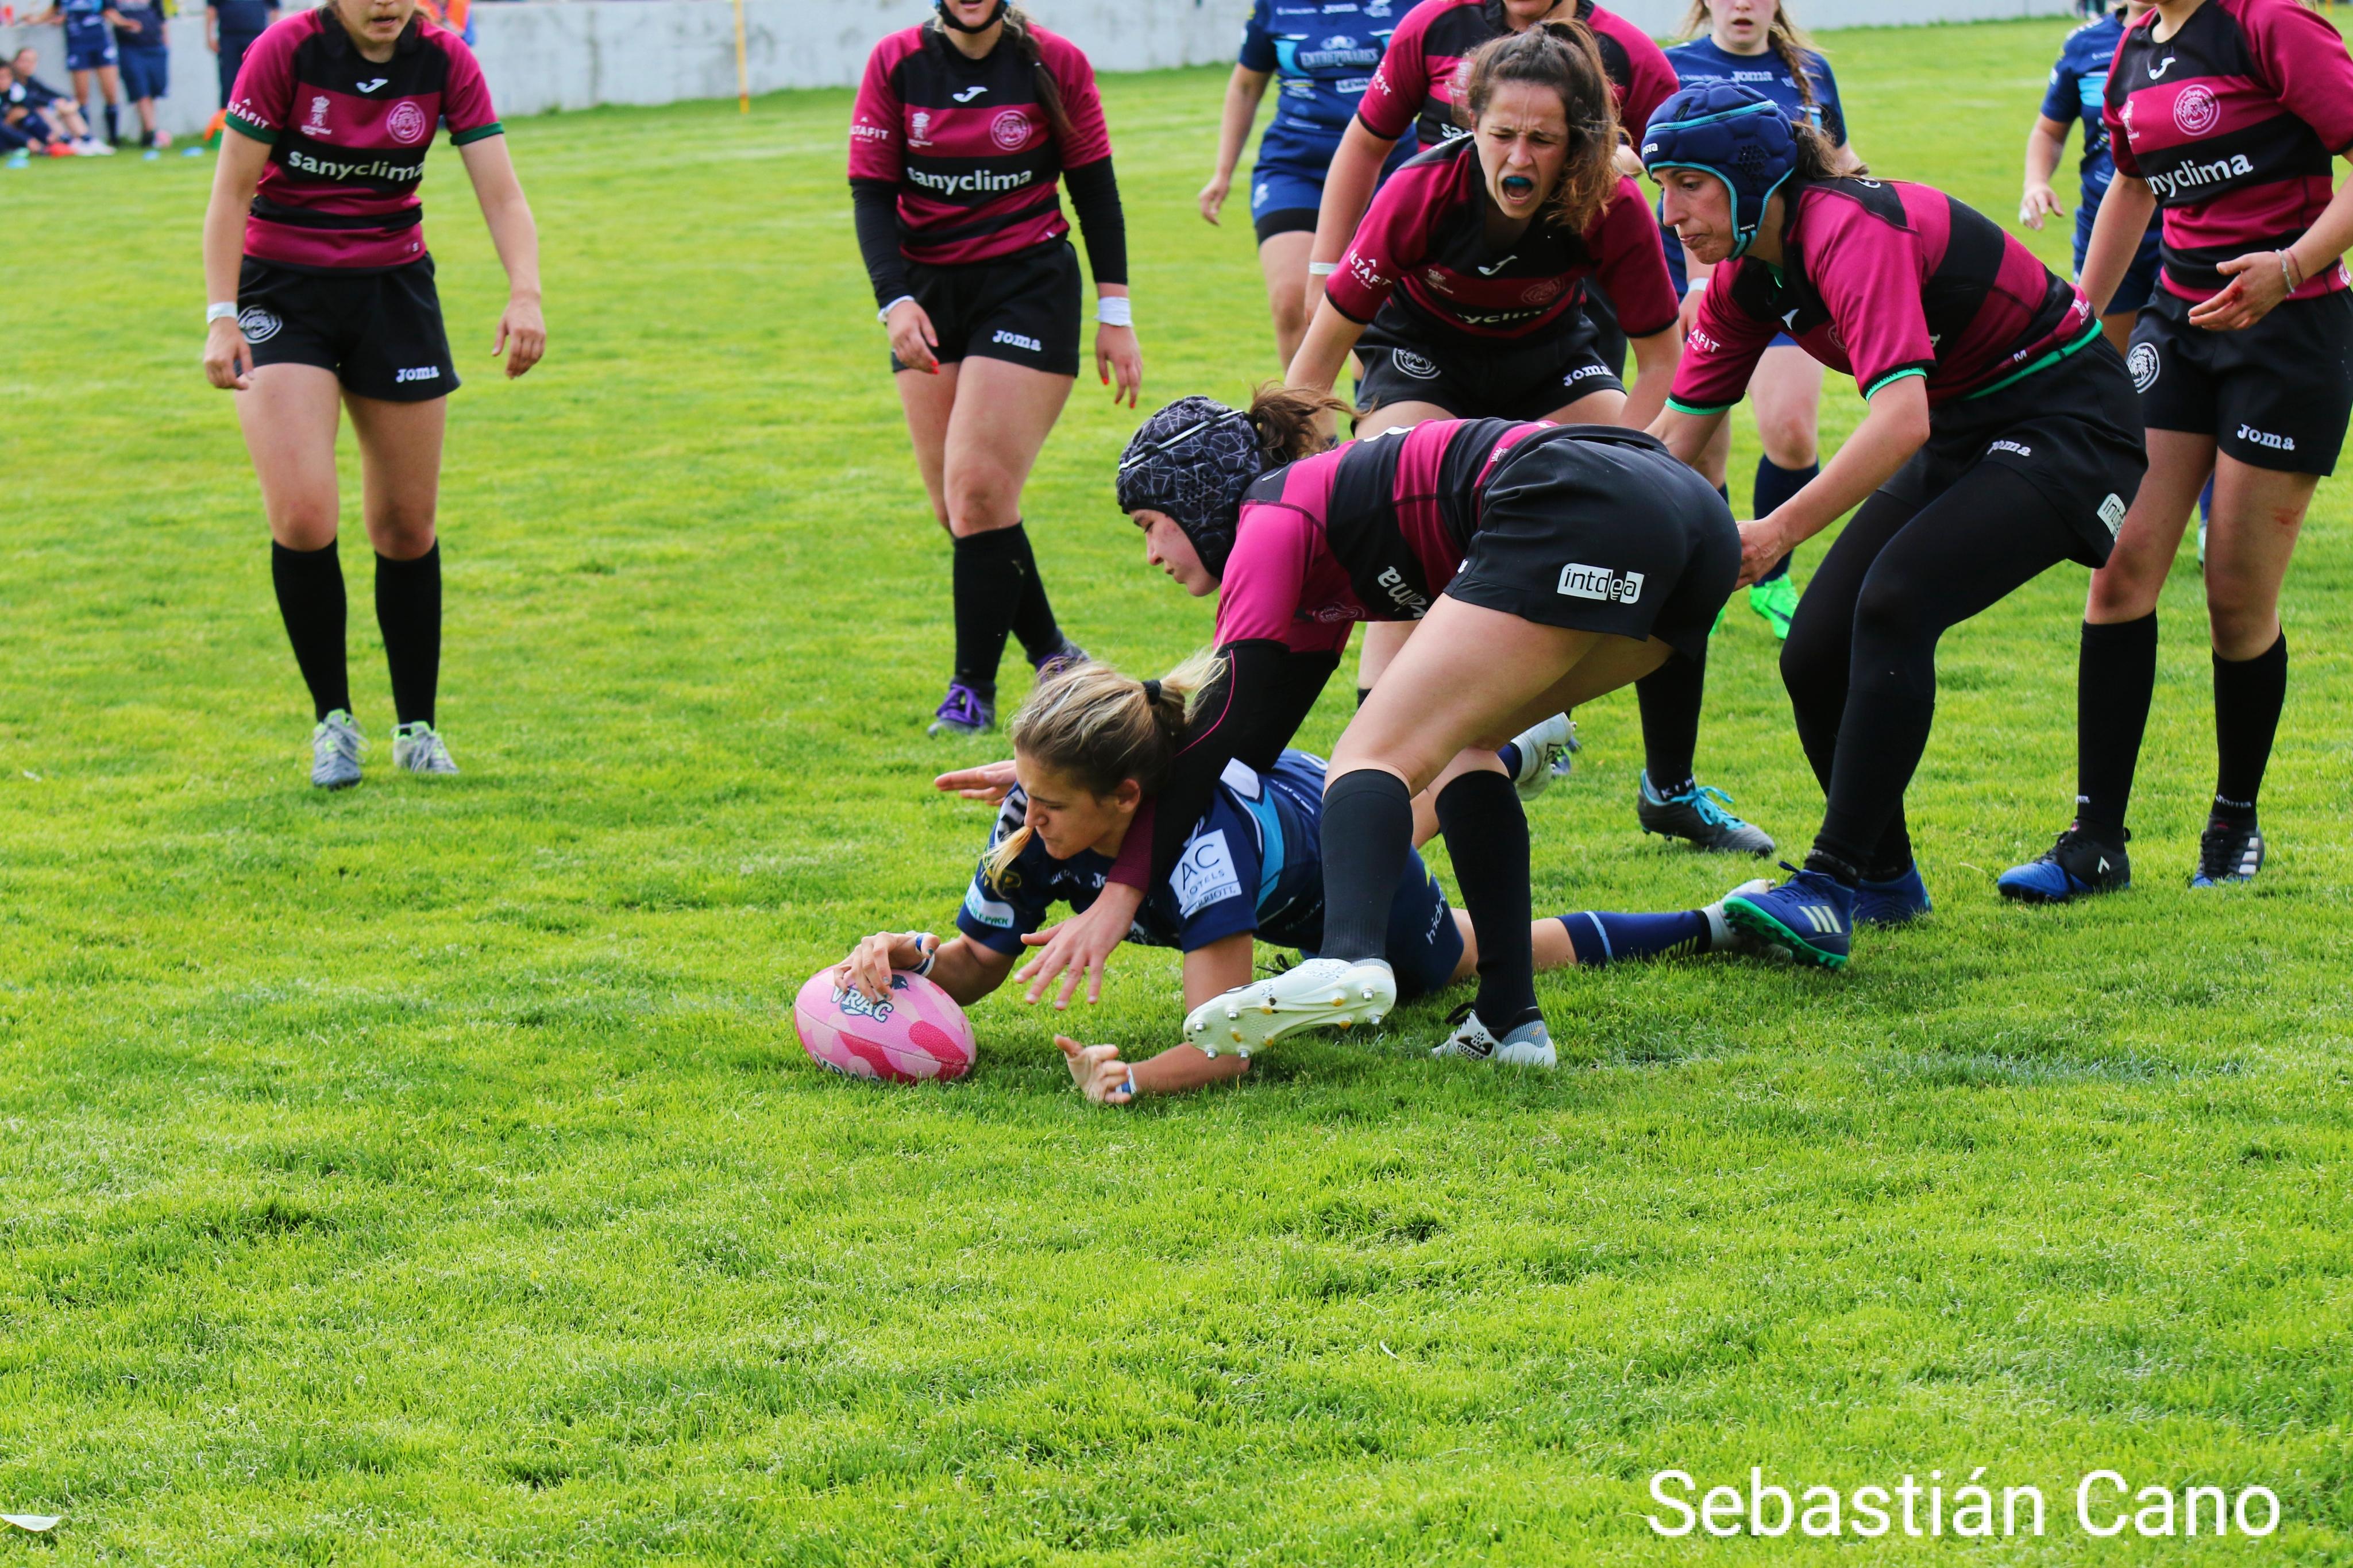 23-12: Subcampeonato regional para el VRAC Femenino